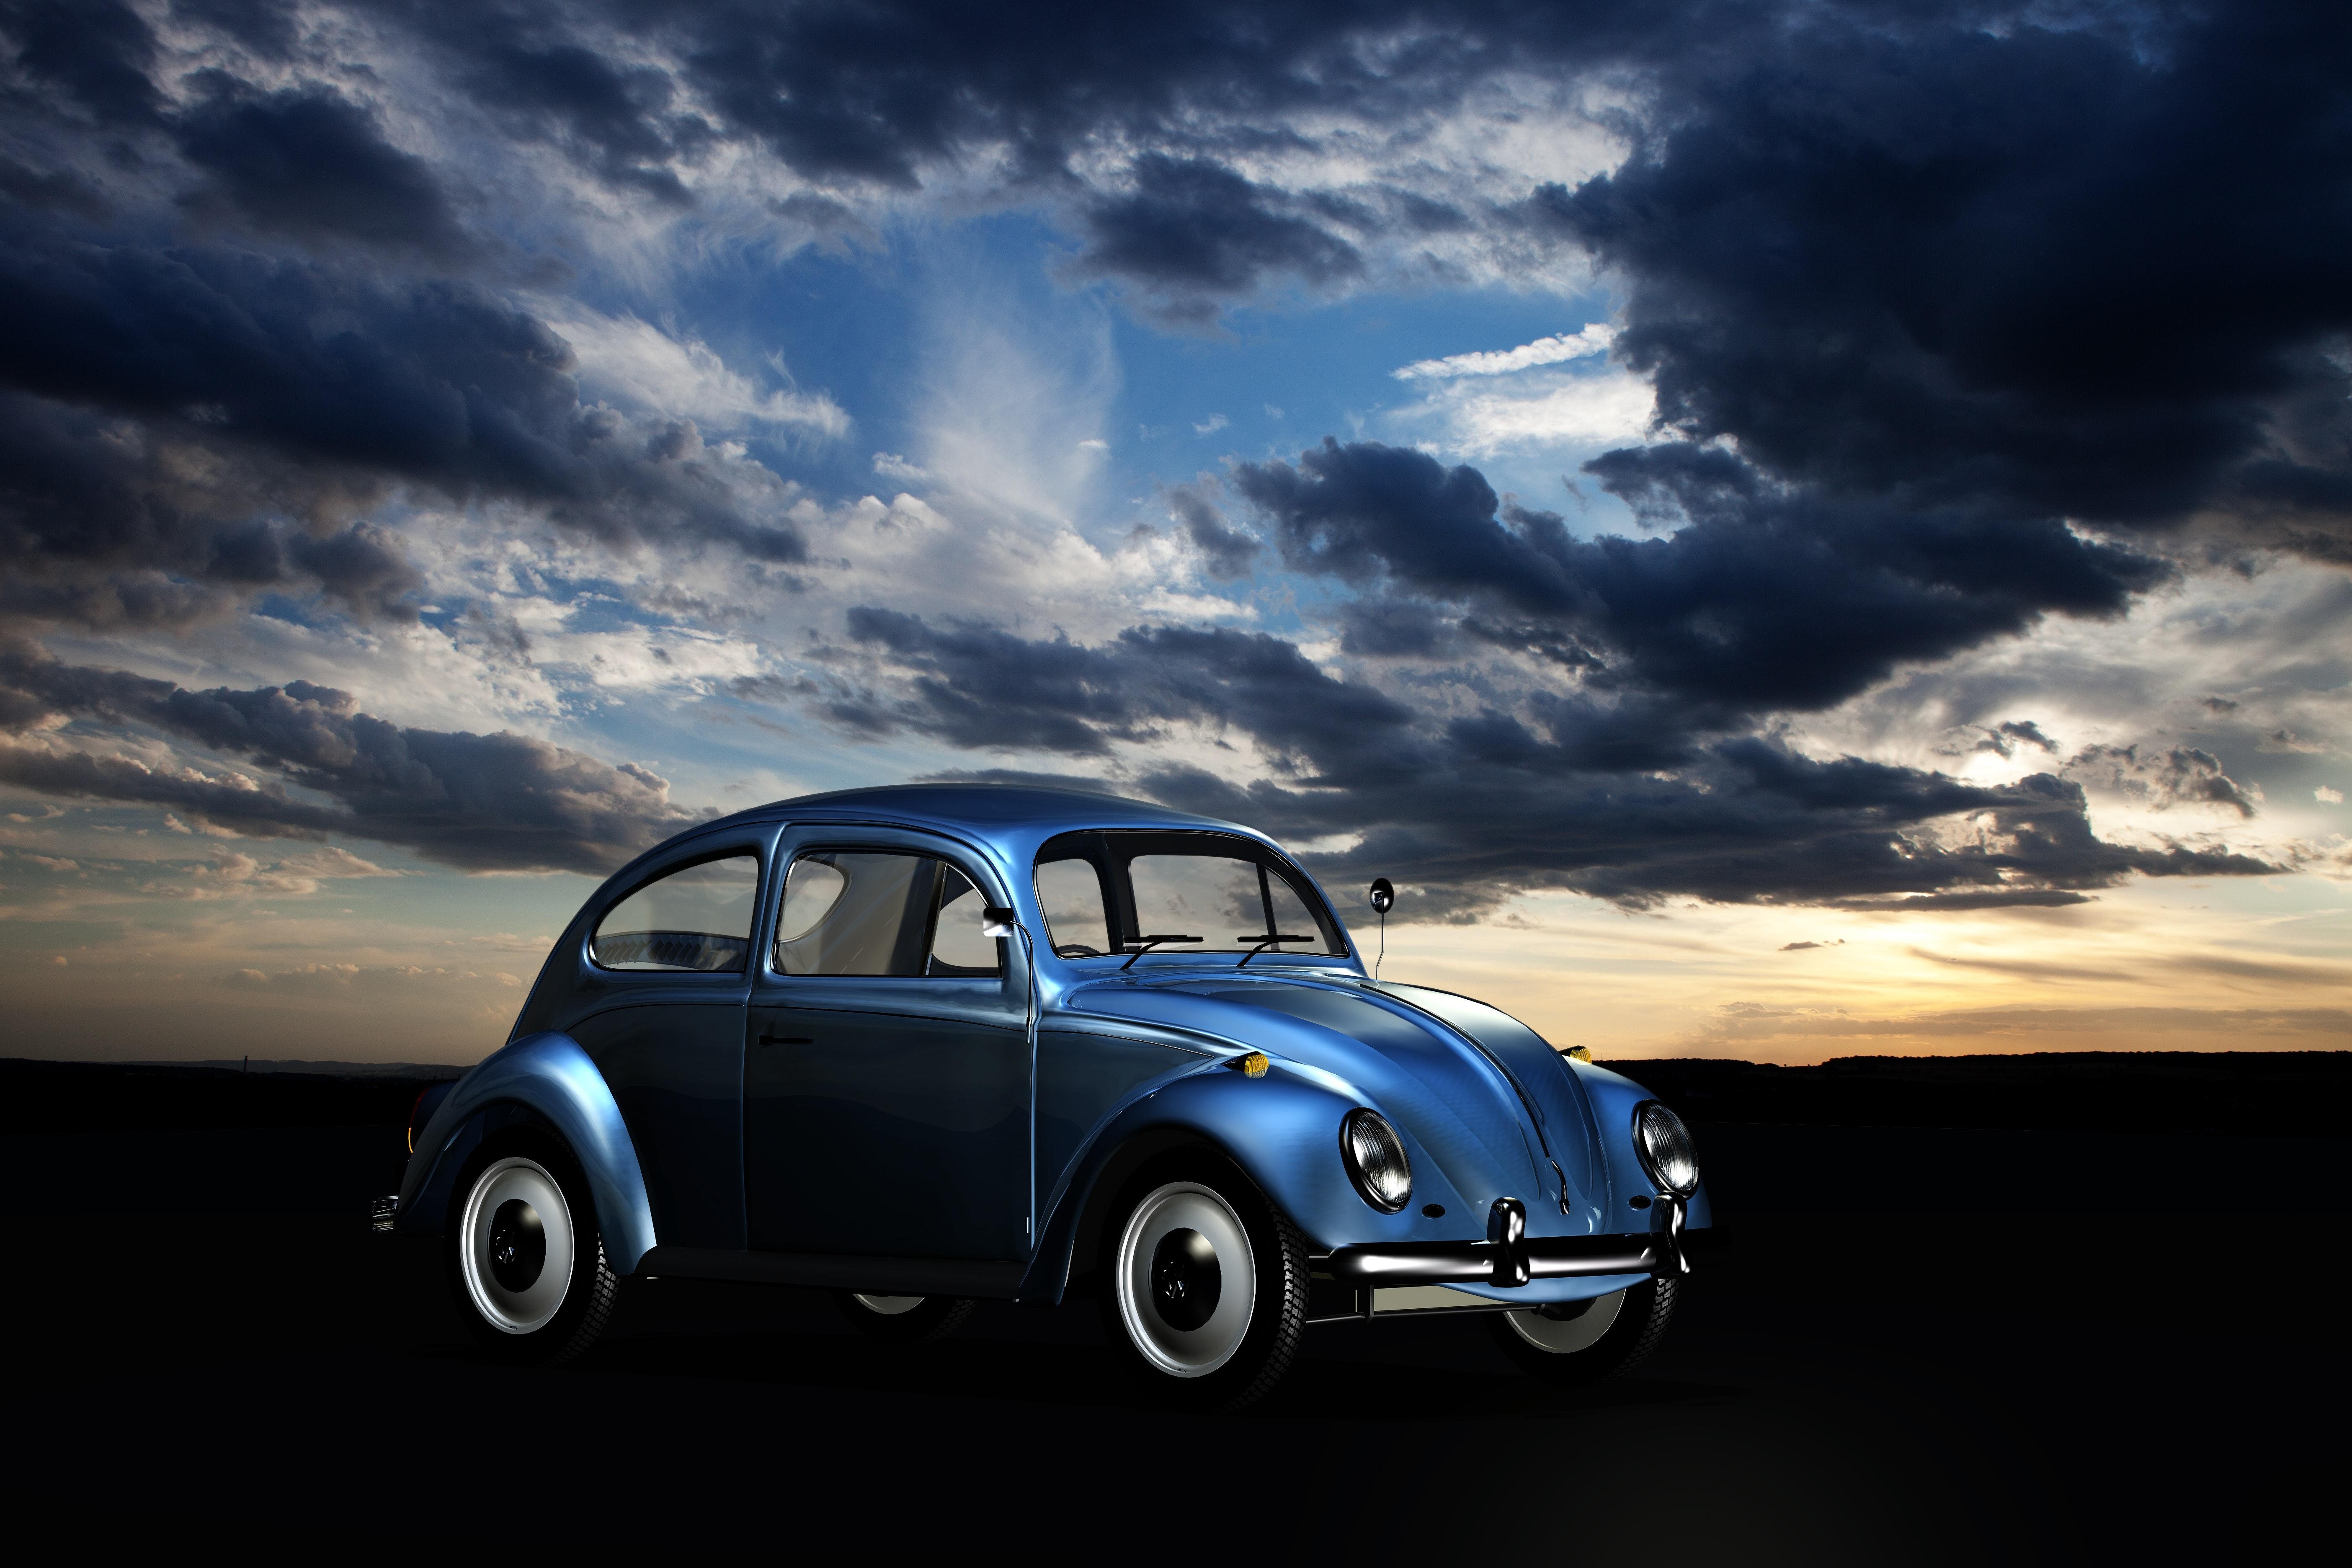 Beige Volkswagen Beetle 183 Free Stock Photo